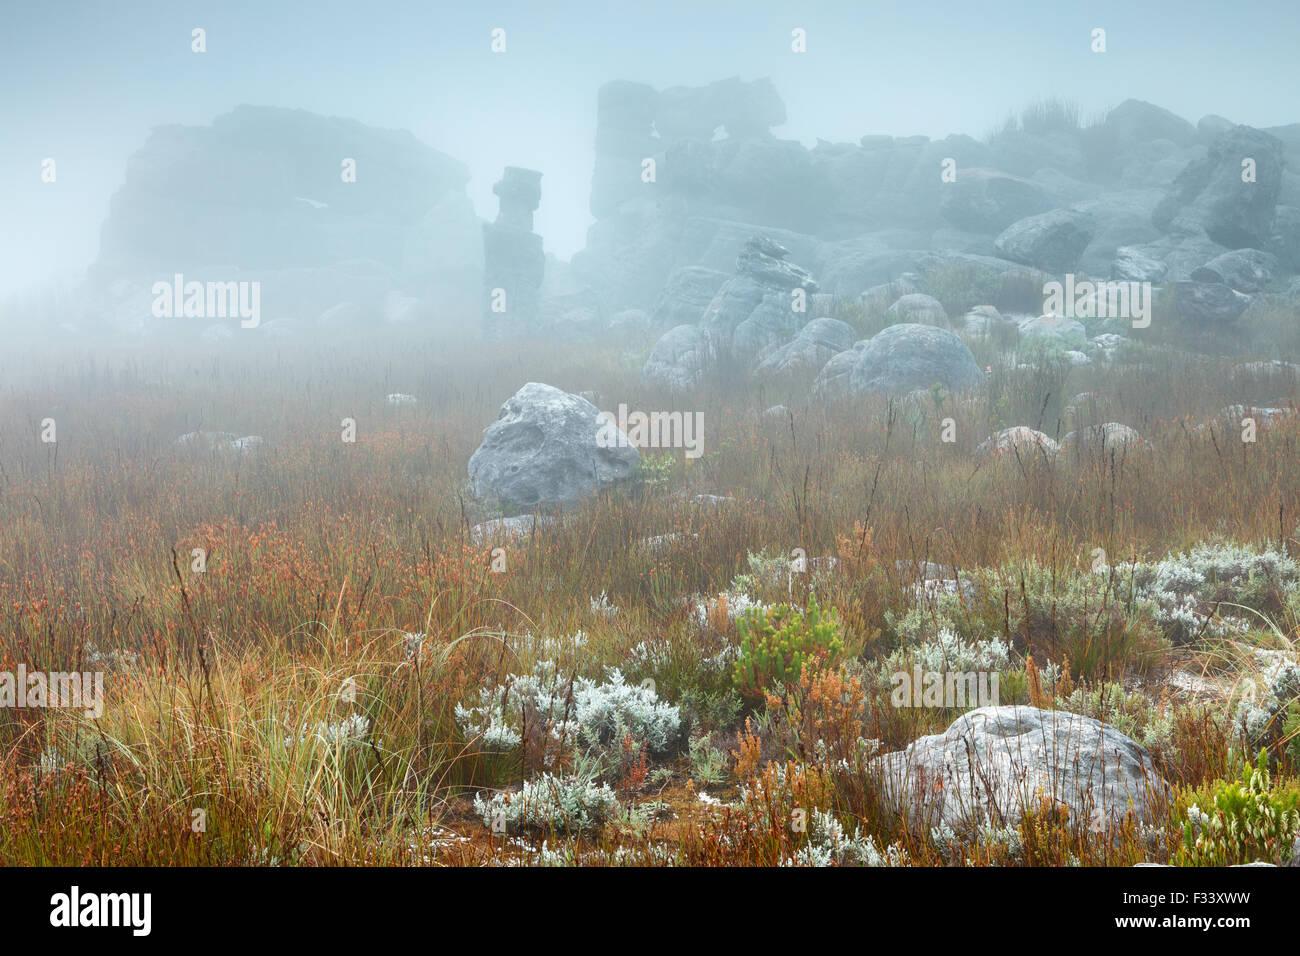 Rochers et végétation dans la brume à l'aube, montagnes Hottentots Holland, Western Cape, Afrique Photo Stock